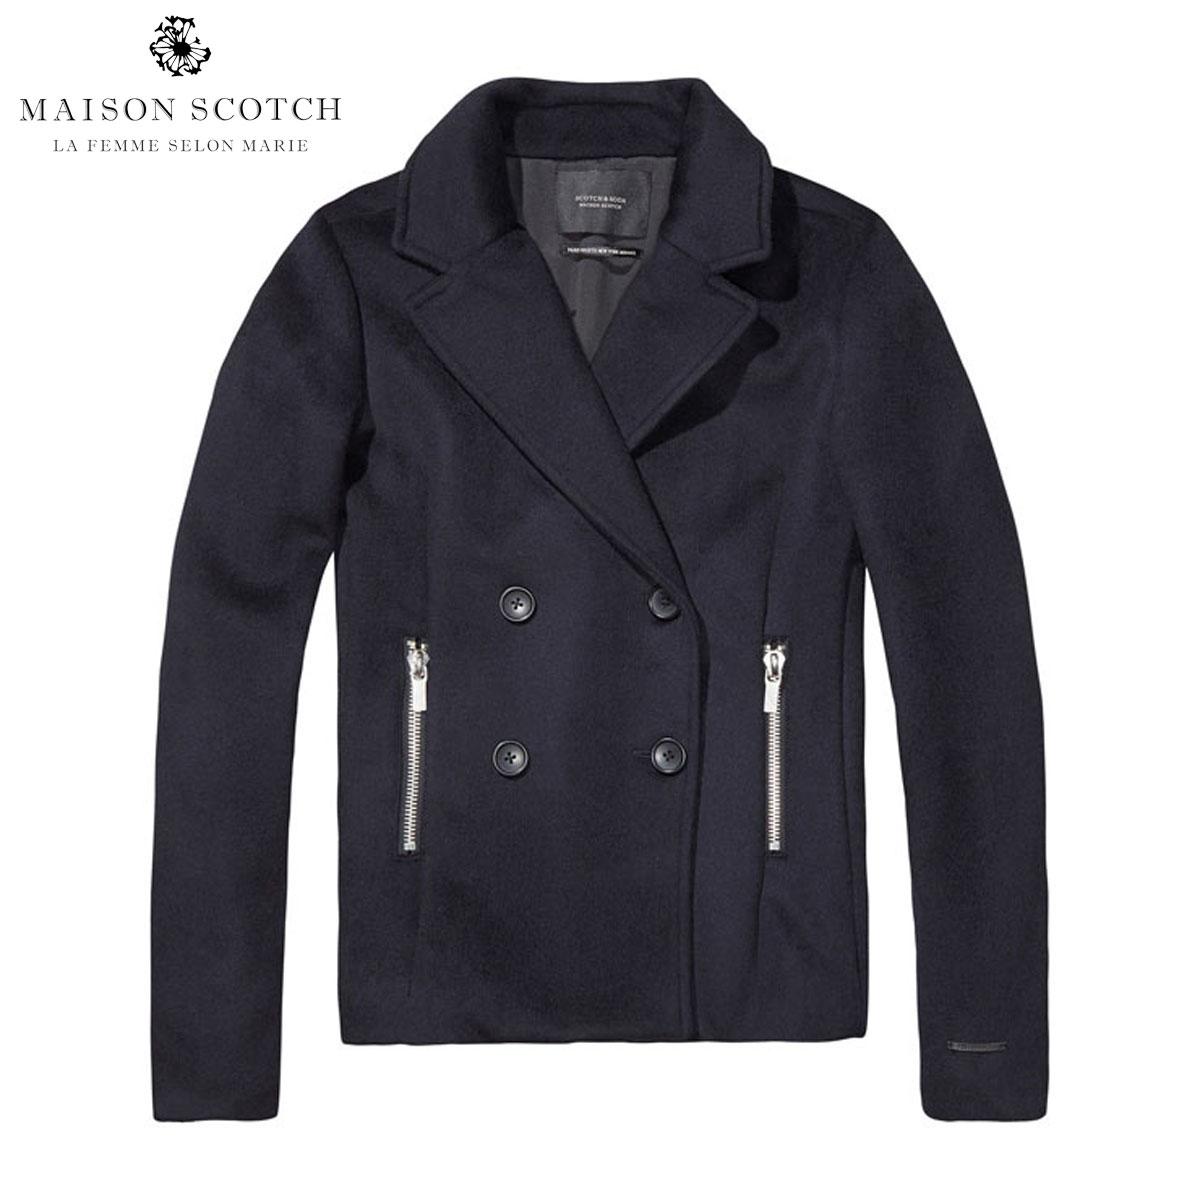 メゾンスコッチ MAISON SCOTCH 正規販売店 レディース アウターコート Short pea coat 101902 04